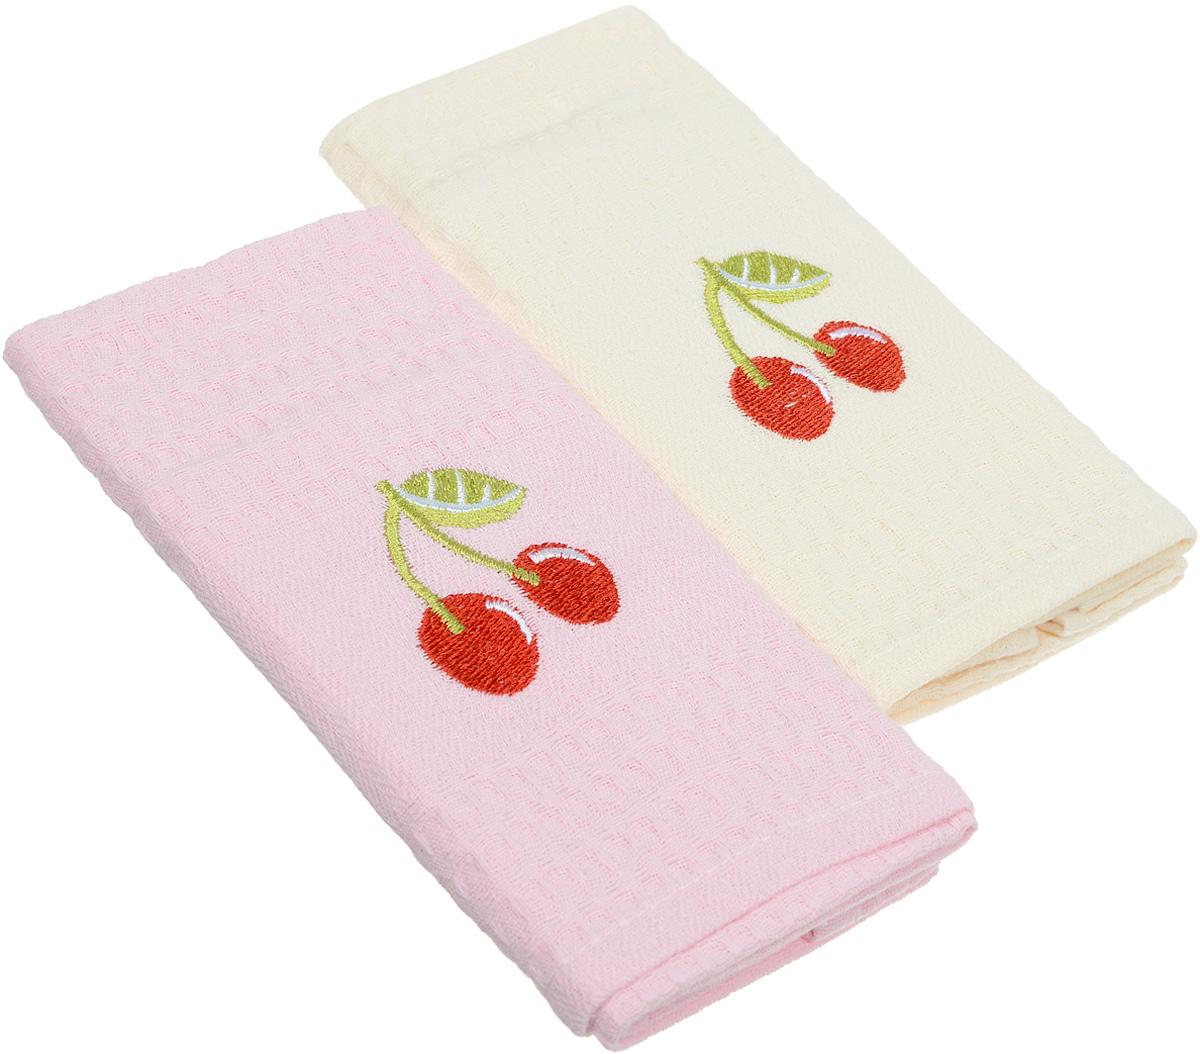 Набор кухонных полотенец Karna Jolly. Juice Multifruit. Вишенки, 40 х 60 см, 2 шт2041/CHAR003_розовый, молочныйНабор Karna Jolly. Juice Multifruit состоит из 2 прямоугольных полотенец, которые выполнены из высококачественного хлопка и украшены вышивкой. Изделия гипоаллергенны, отлично впитывают влагу, быстро сохнут, сохраняют цвет и не теряют форму даже после многократных стирок. Такие полотенца очень практичны и неприхотливы в уходе. Набор Karna станет отличным помощником и украсит интерьер вашей кухни, а также послужит приятным презентом для близких и родных. Набор упакован в картонную подарочную сумочку.